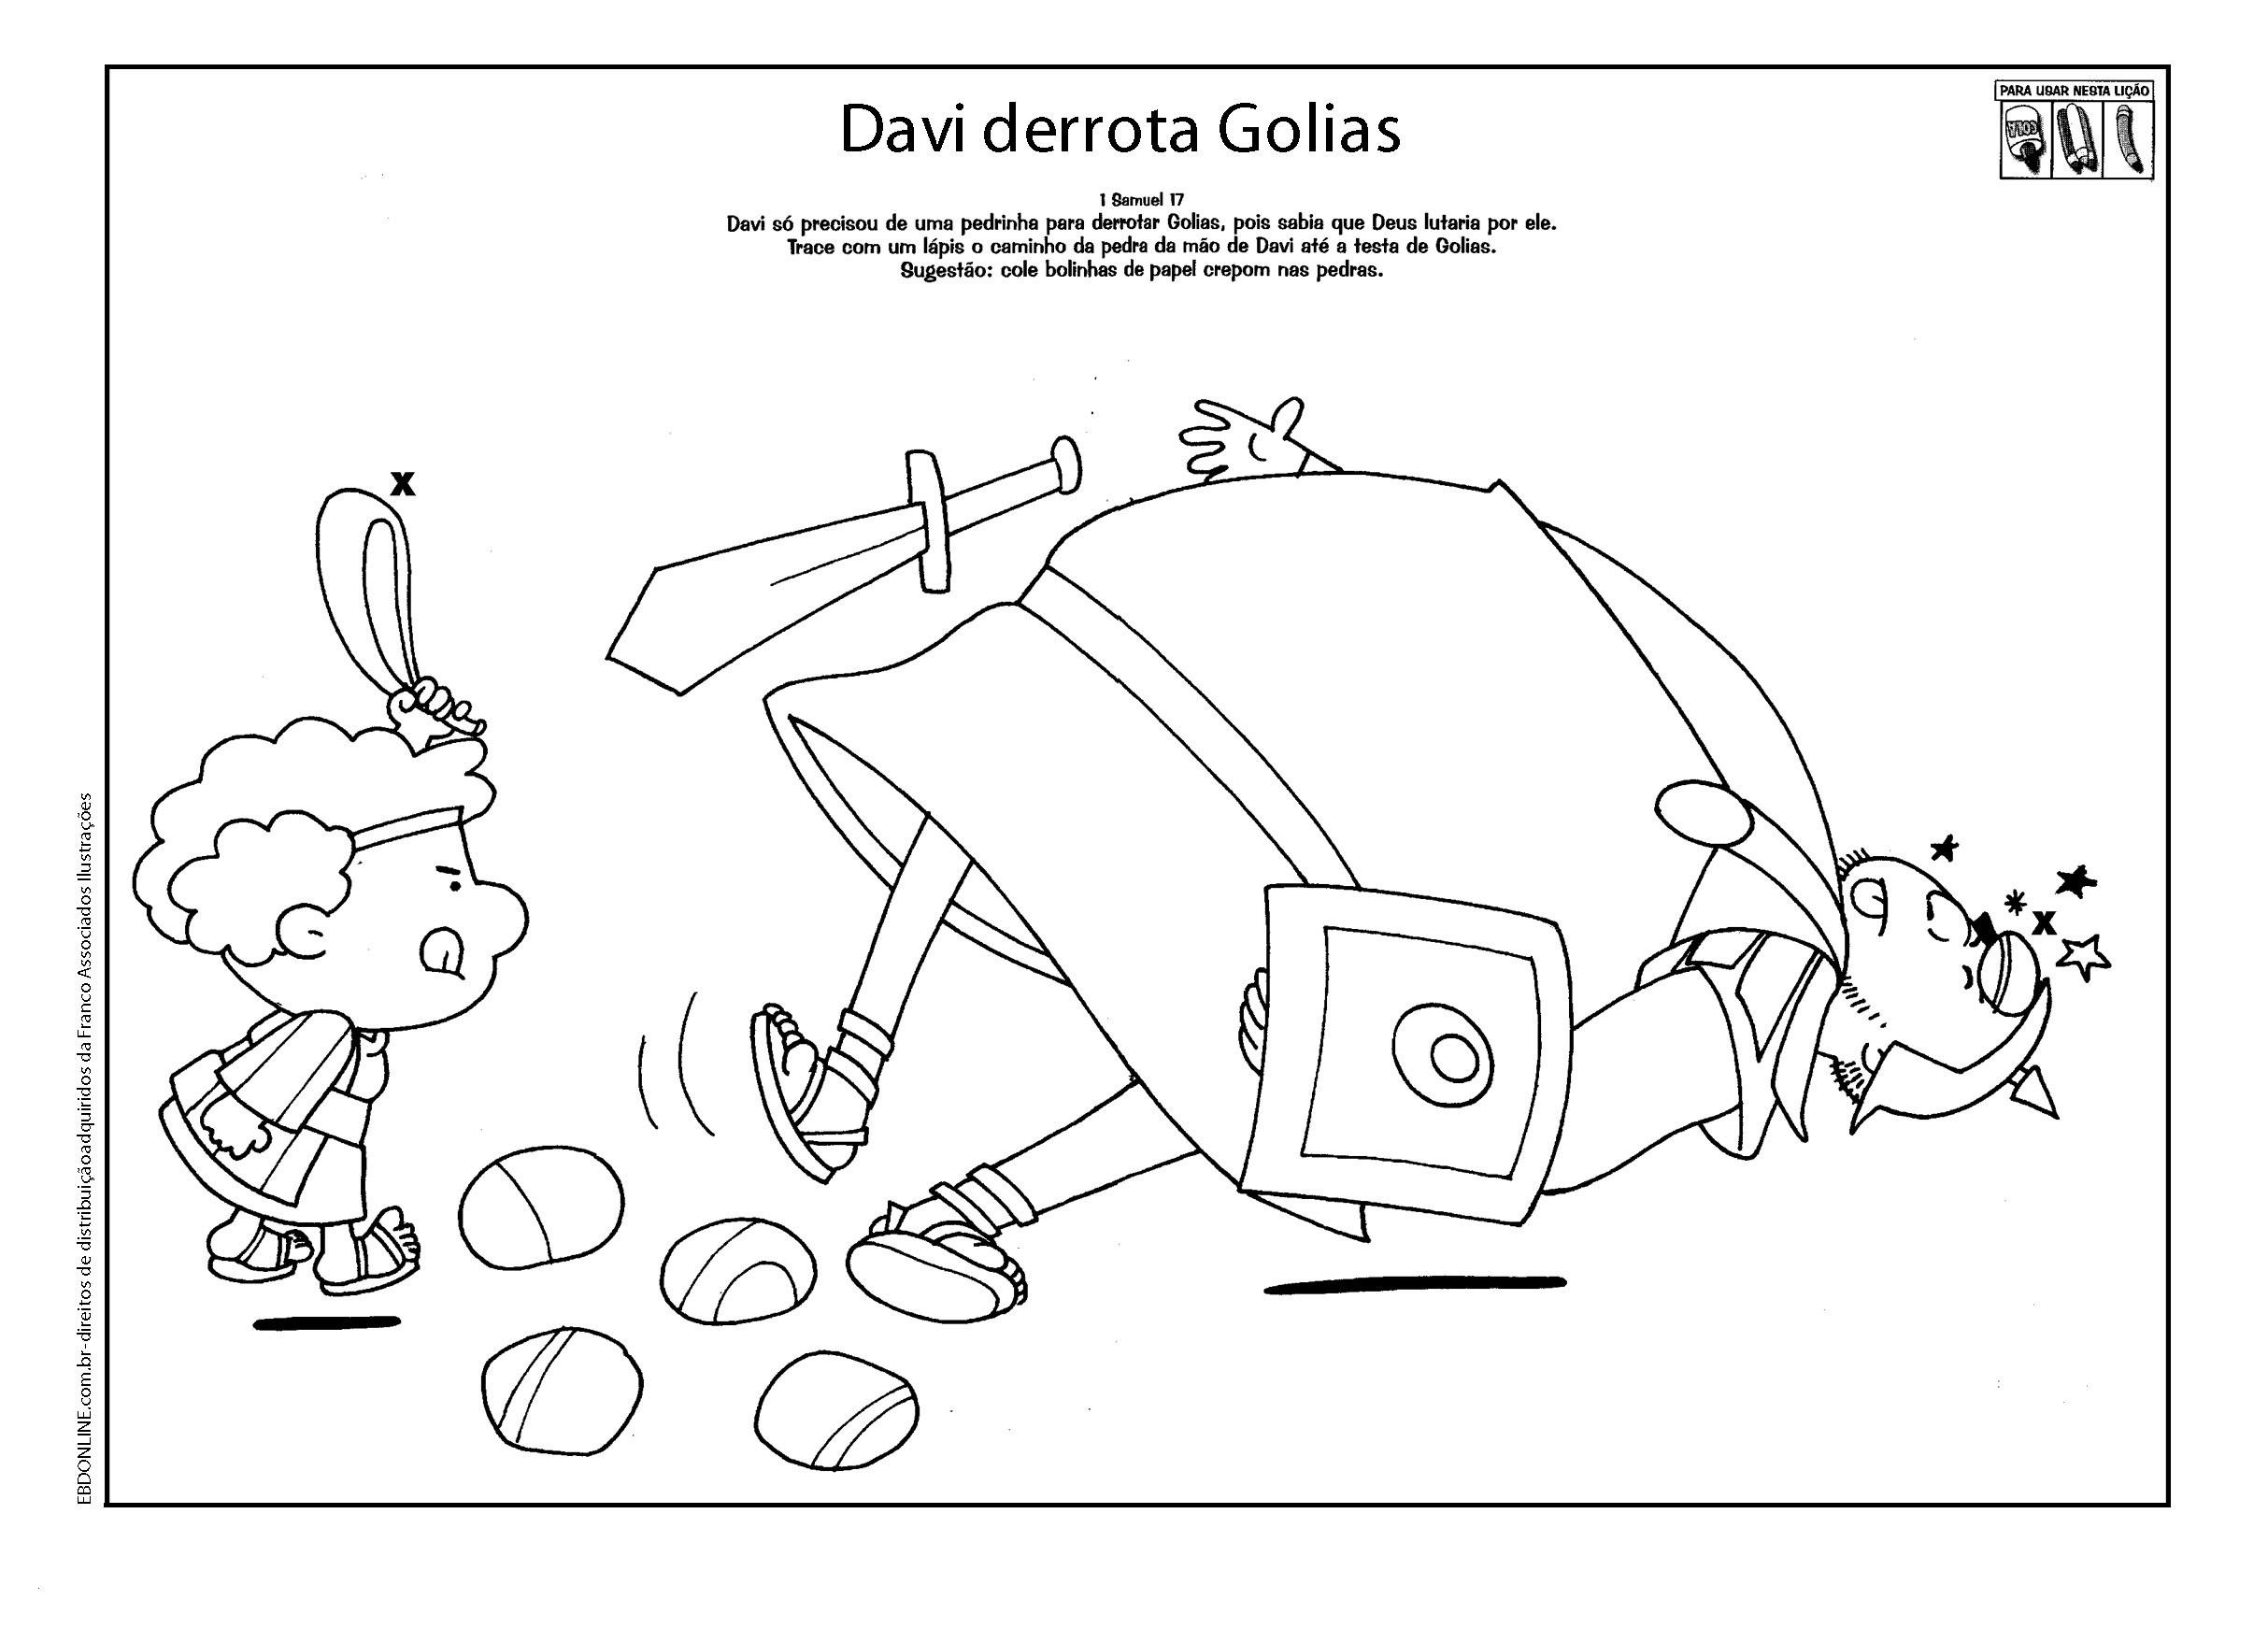 Donkey Kong Ausmalbilder Inspirierend 14 Von Christliche Perlen Bitte Neu Ausmalbilder Für Kinder Zum Galerie